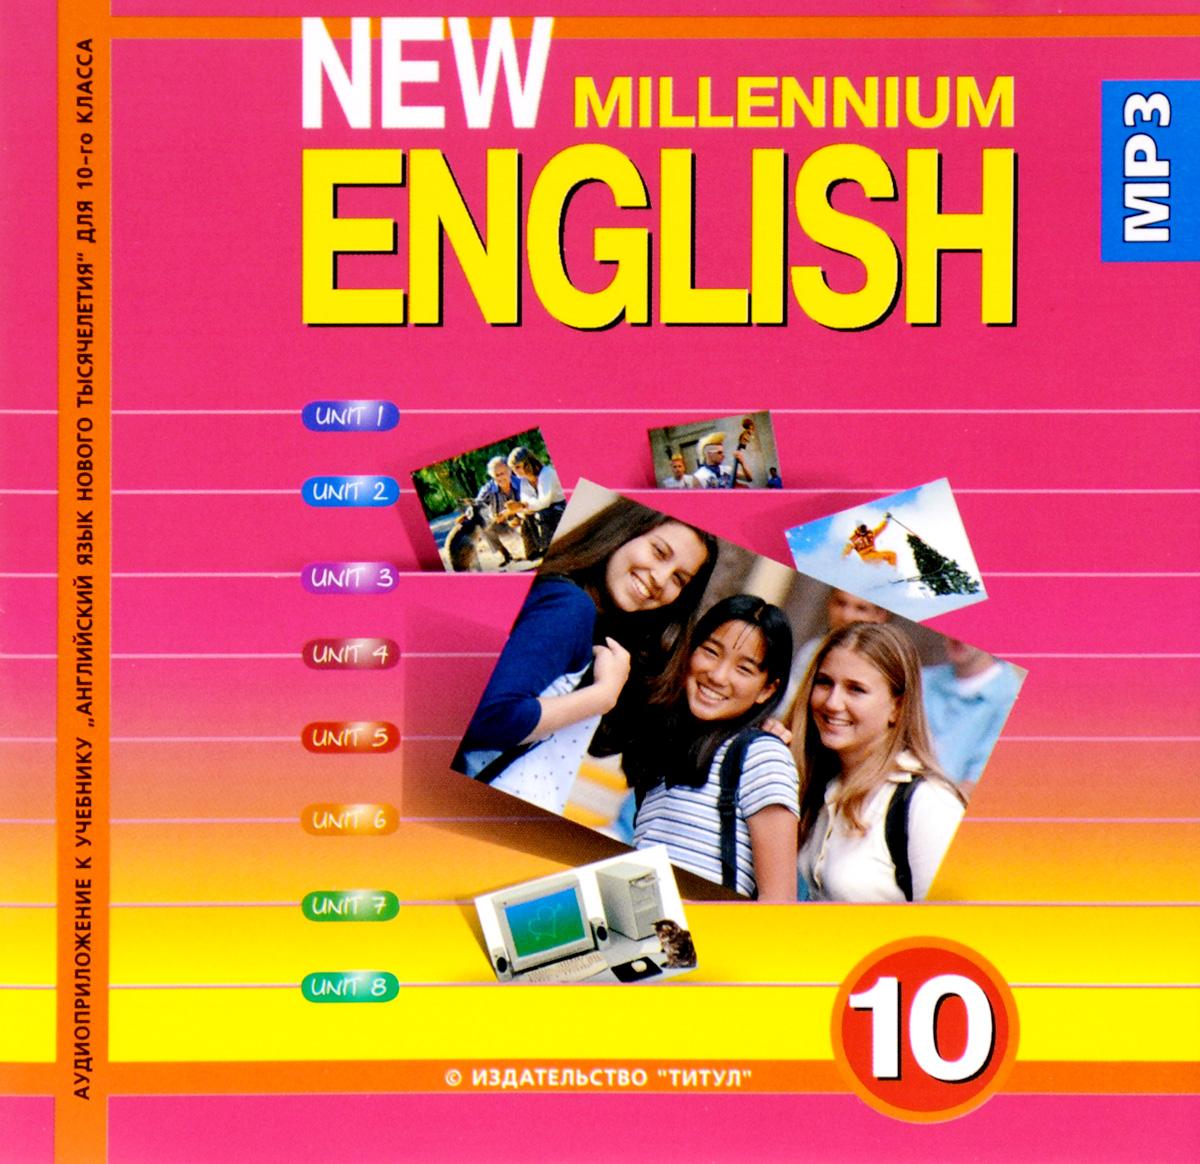 New Millennium English 10 / Английский язык нового тысячелетия. Английский язык. 10 класс. Электронное учебное пособие